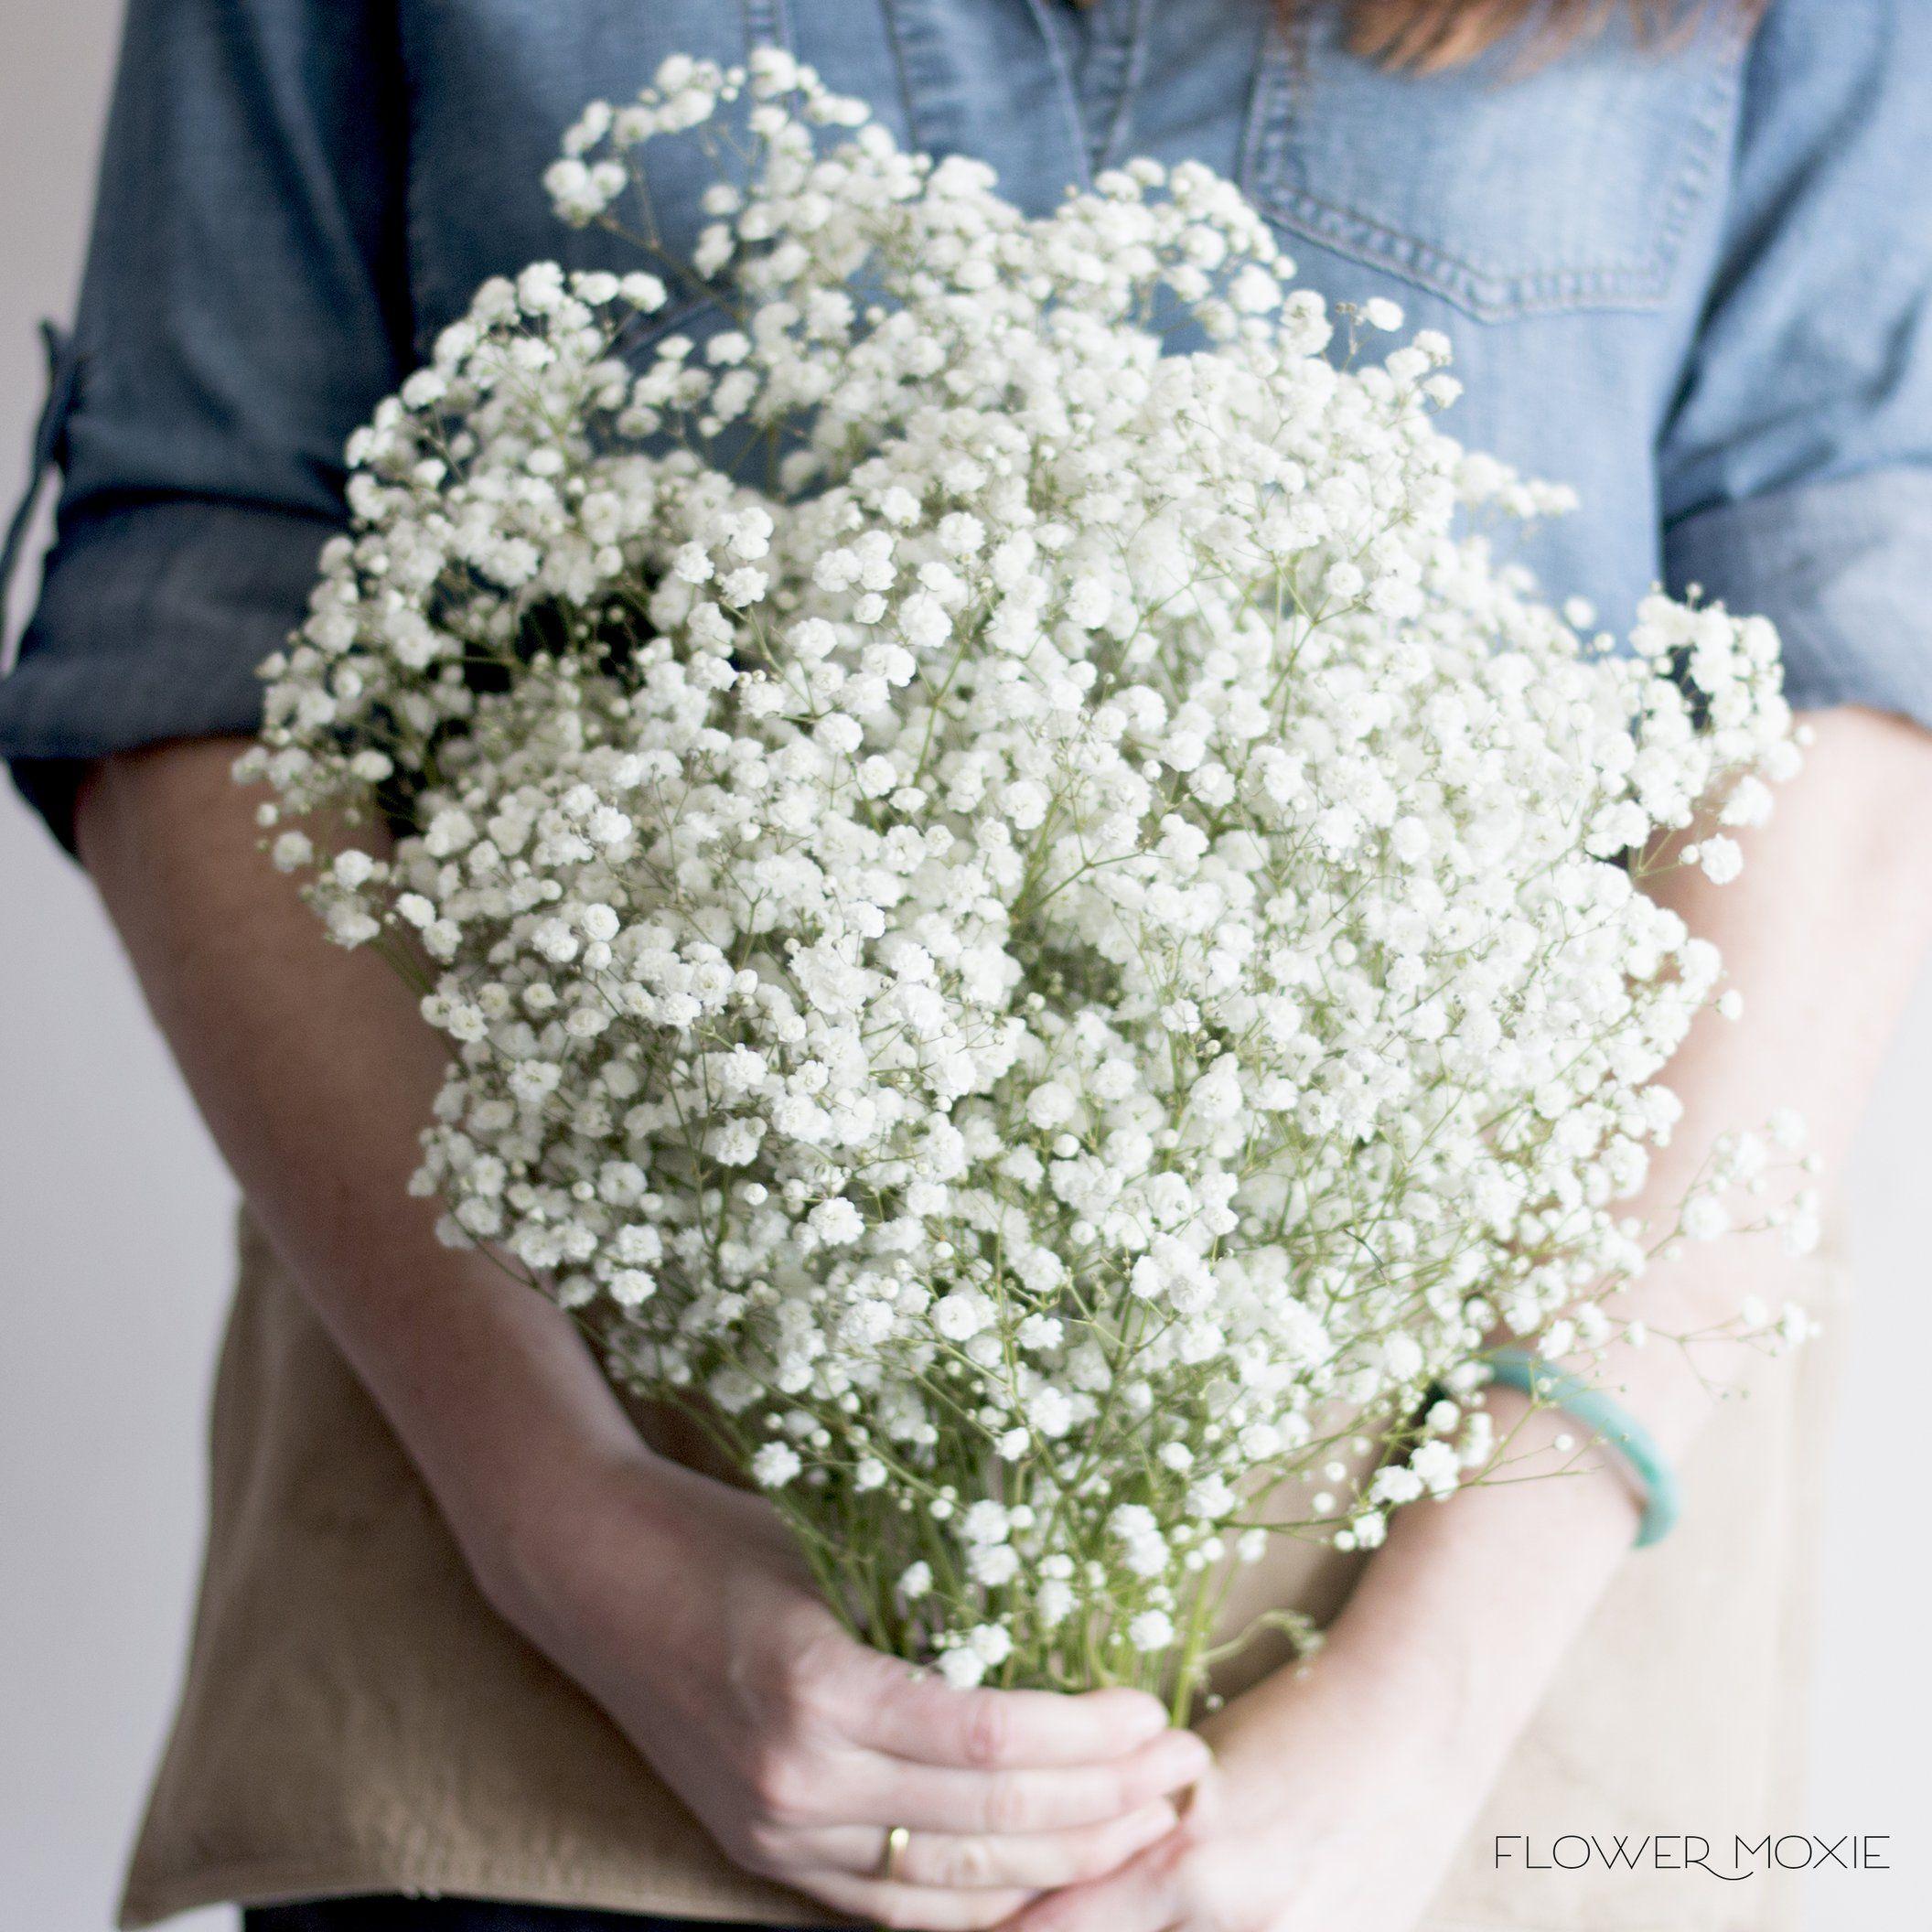 Baby S Breath Flowerdefault Title Babys Breath Flowers Fresh Wedding Flowers Wedding Flower Guide